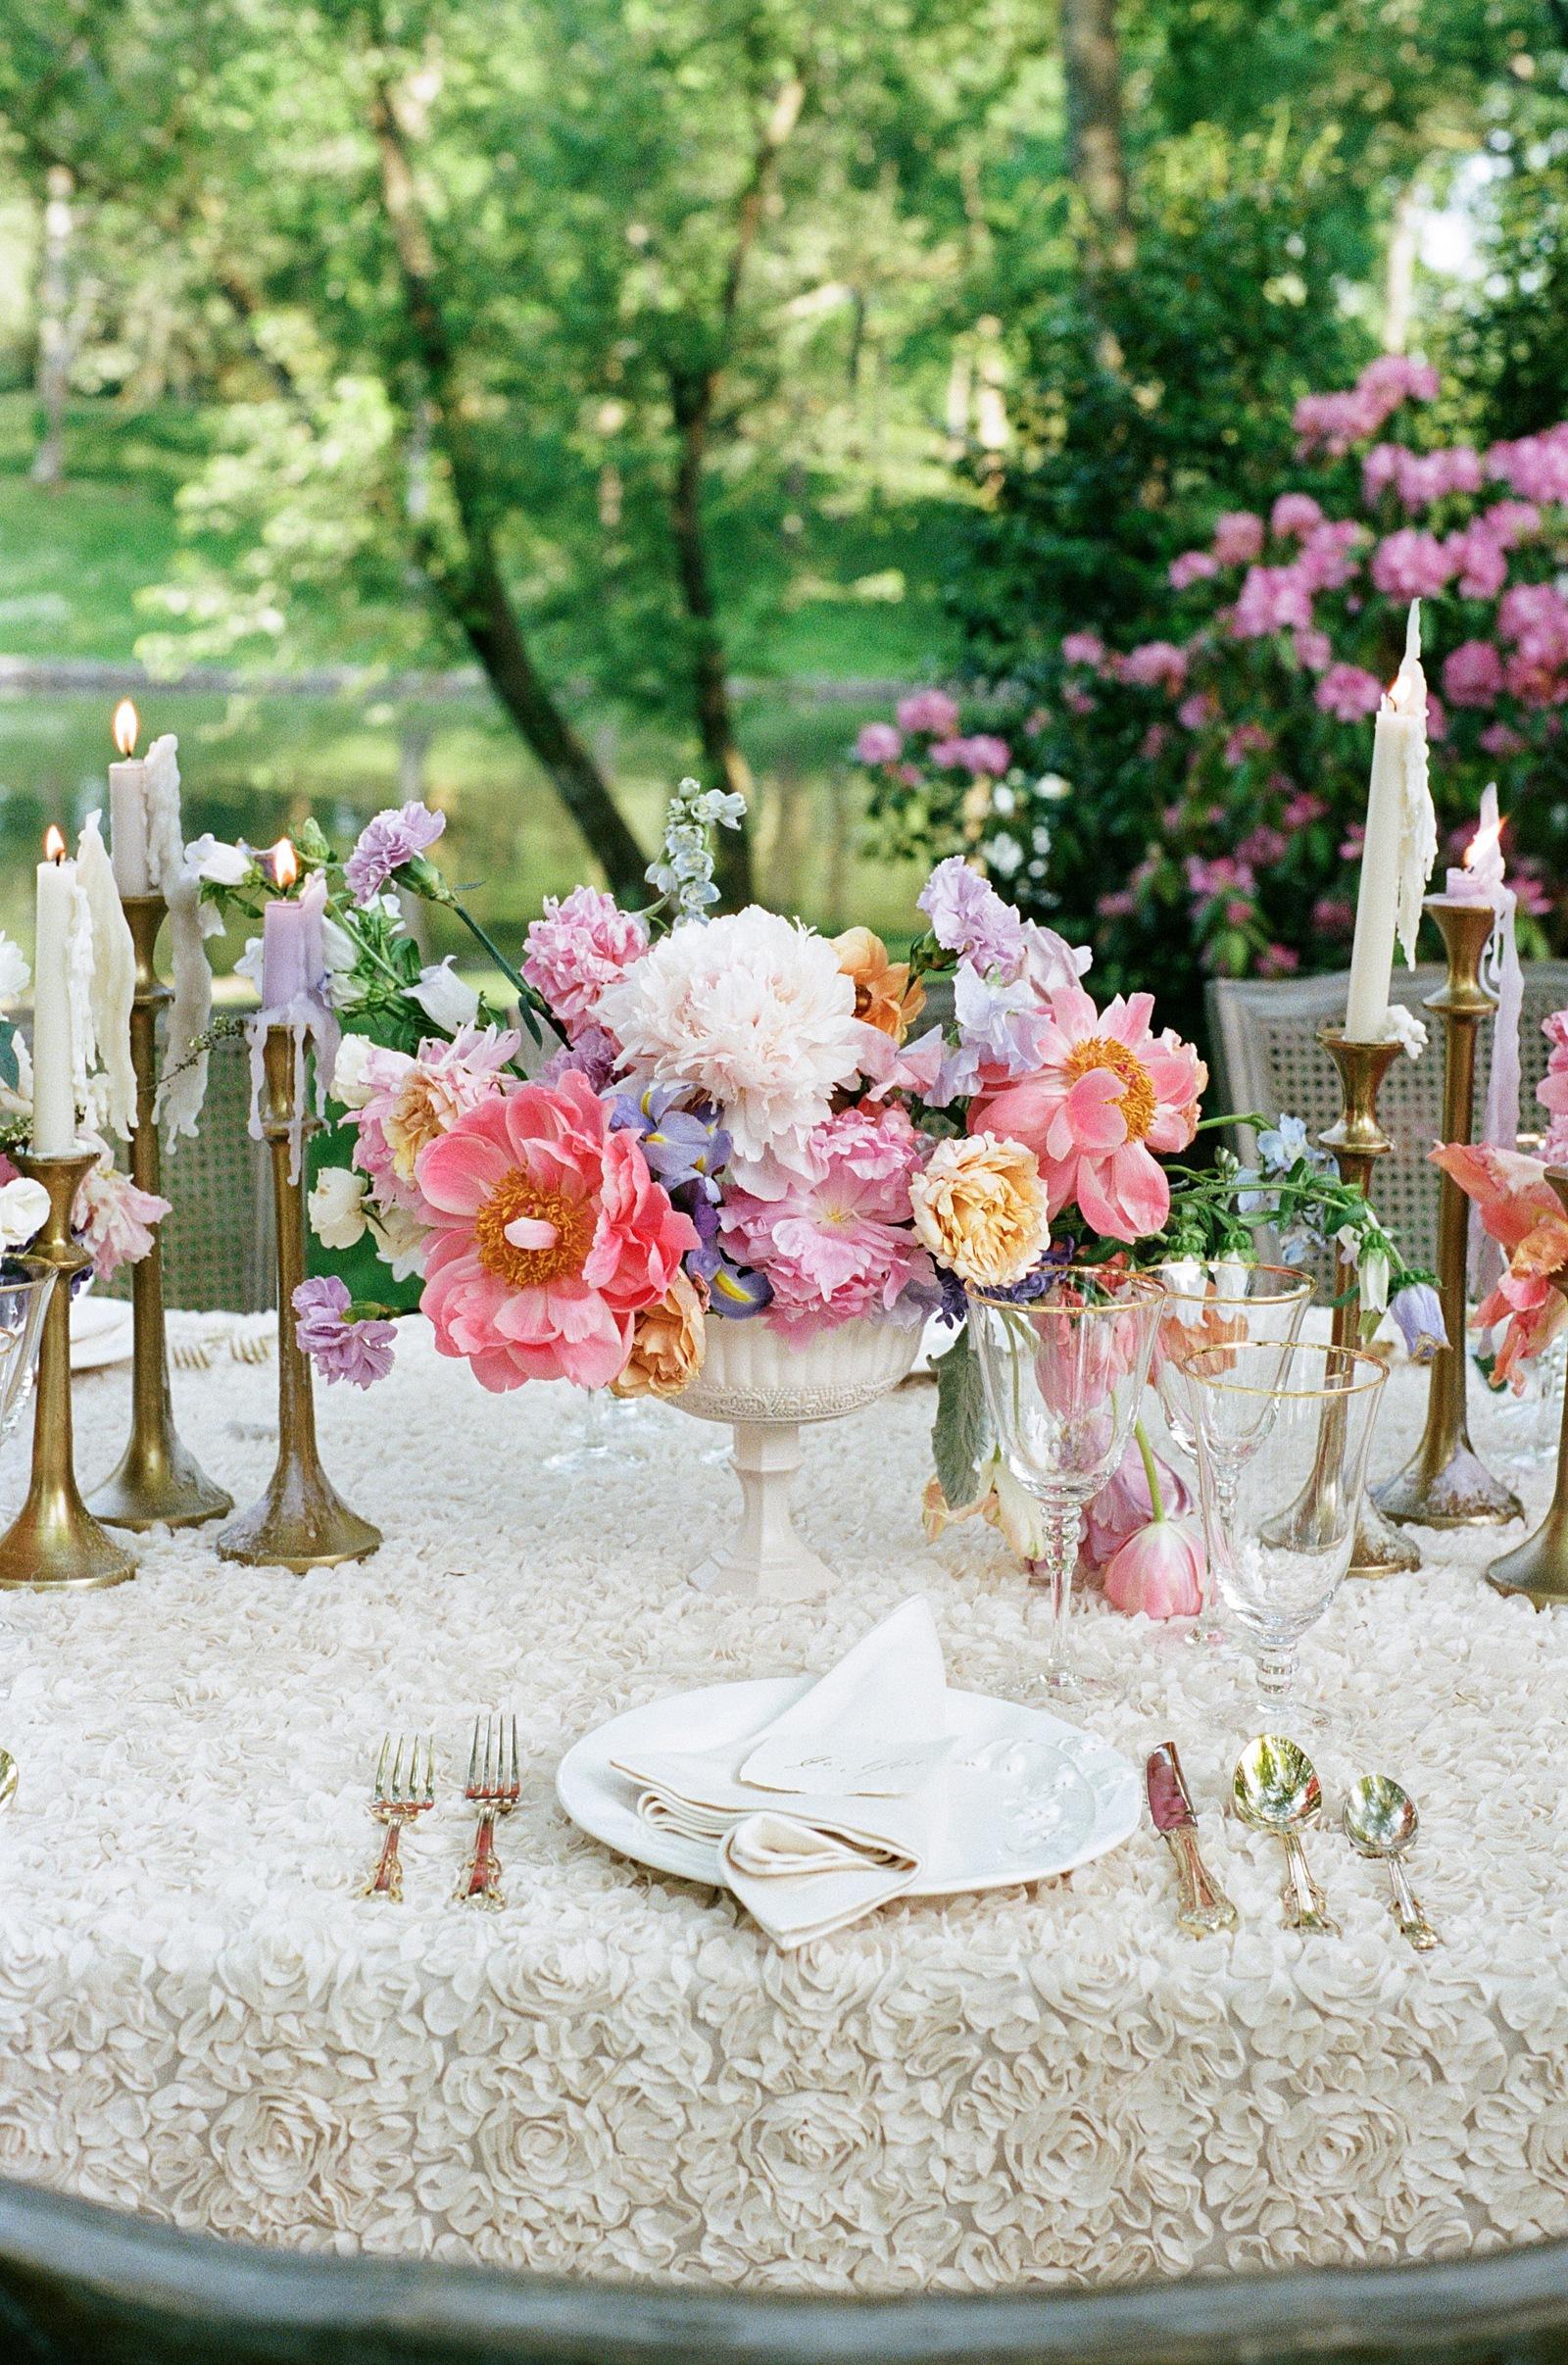 Watercolor wedding centerpieces